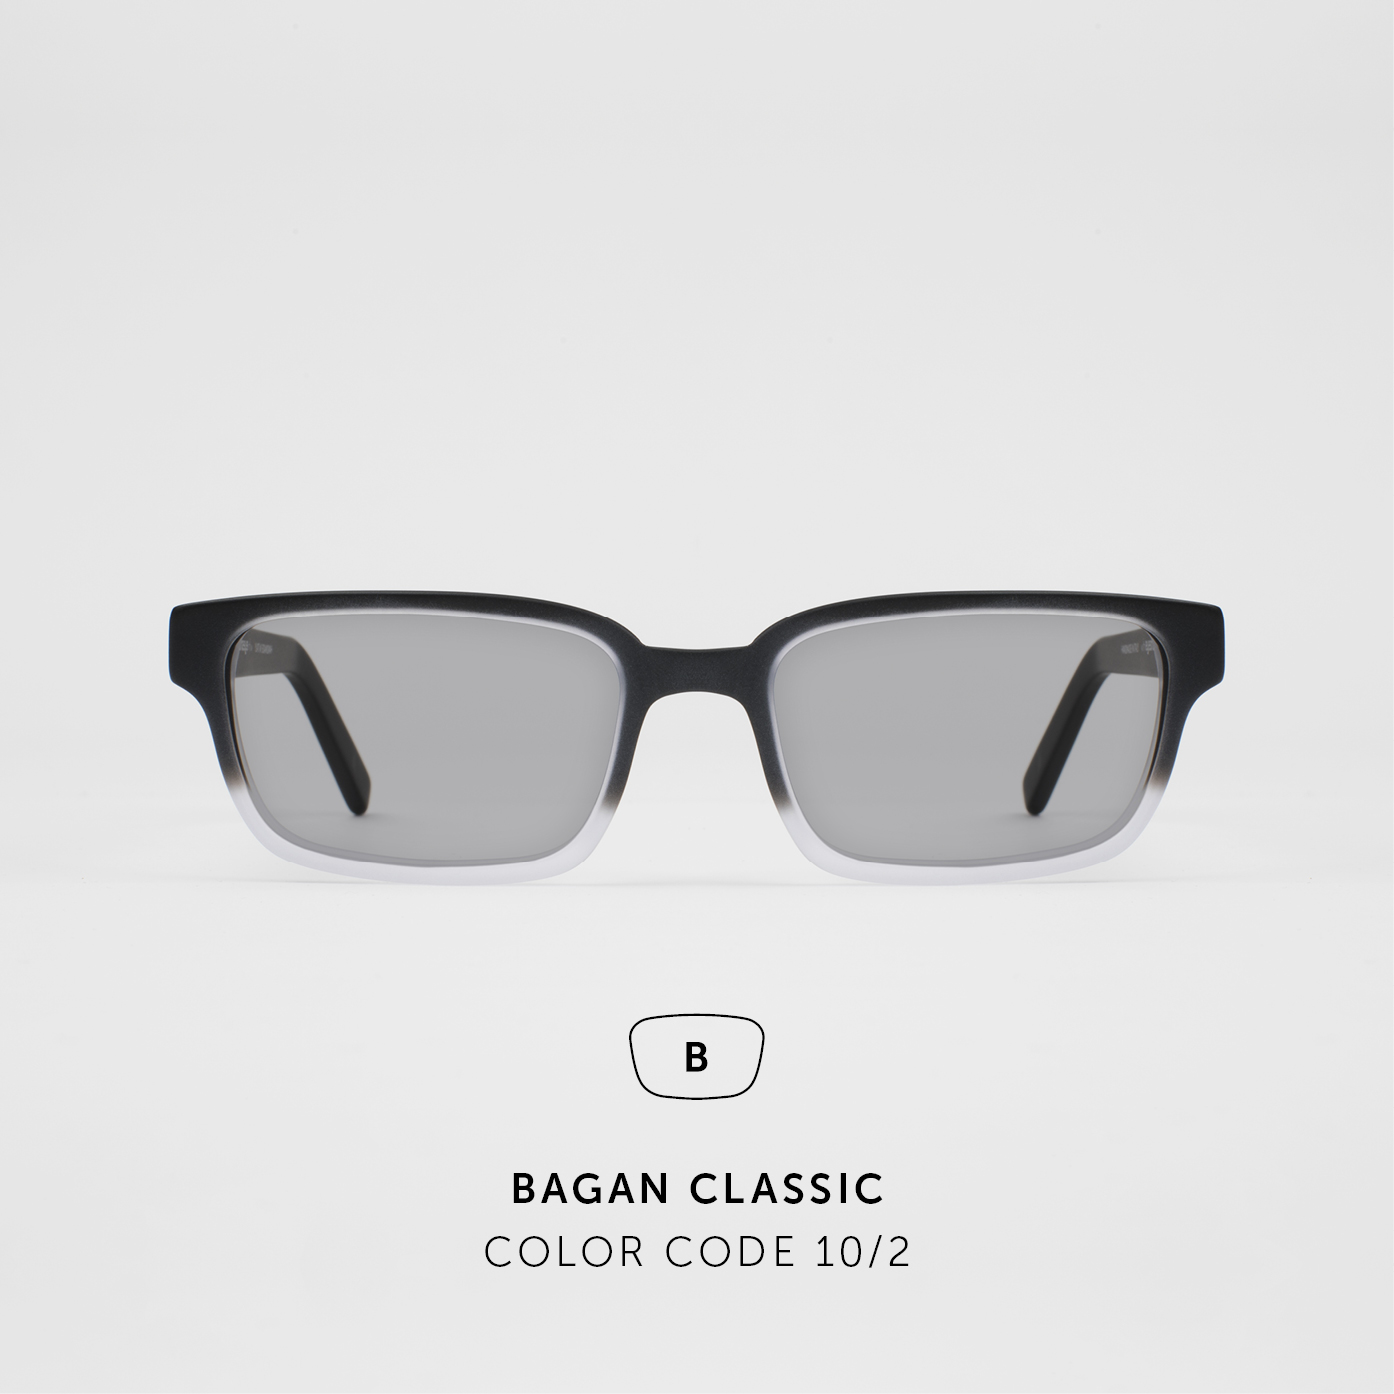 BaganClassic36.jpg